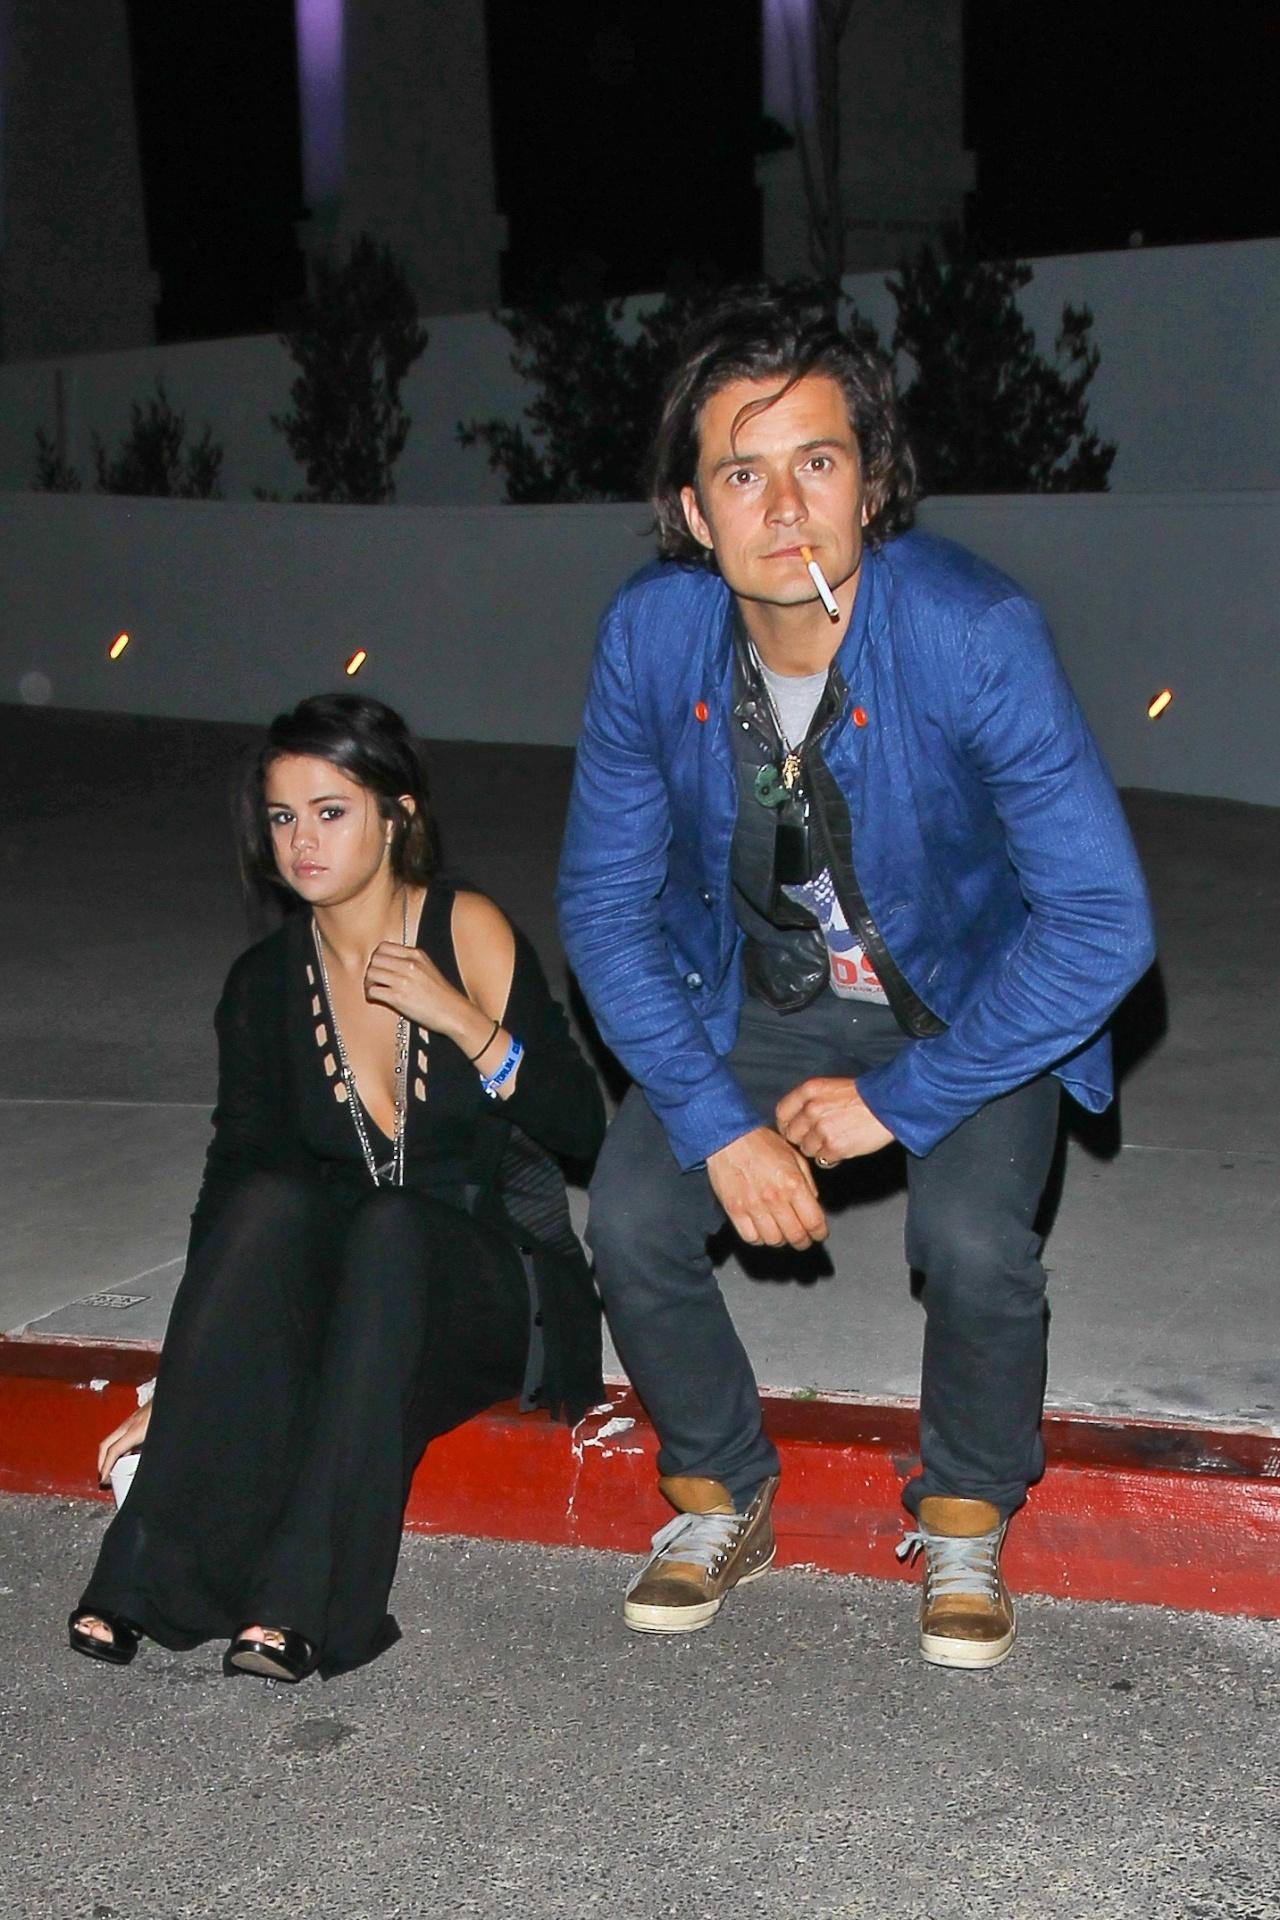 26.abr.2014 - Orlando Bloom e Selena Gomez são fotografados juntos após conferirem show de stand-up comedy em Los Angeles